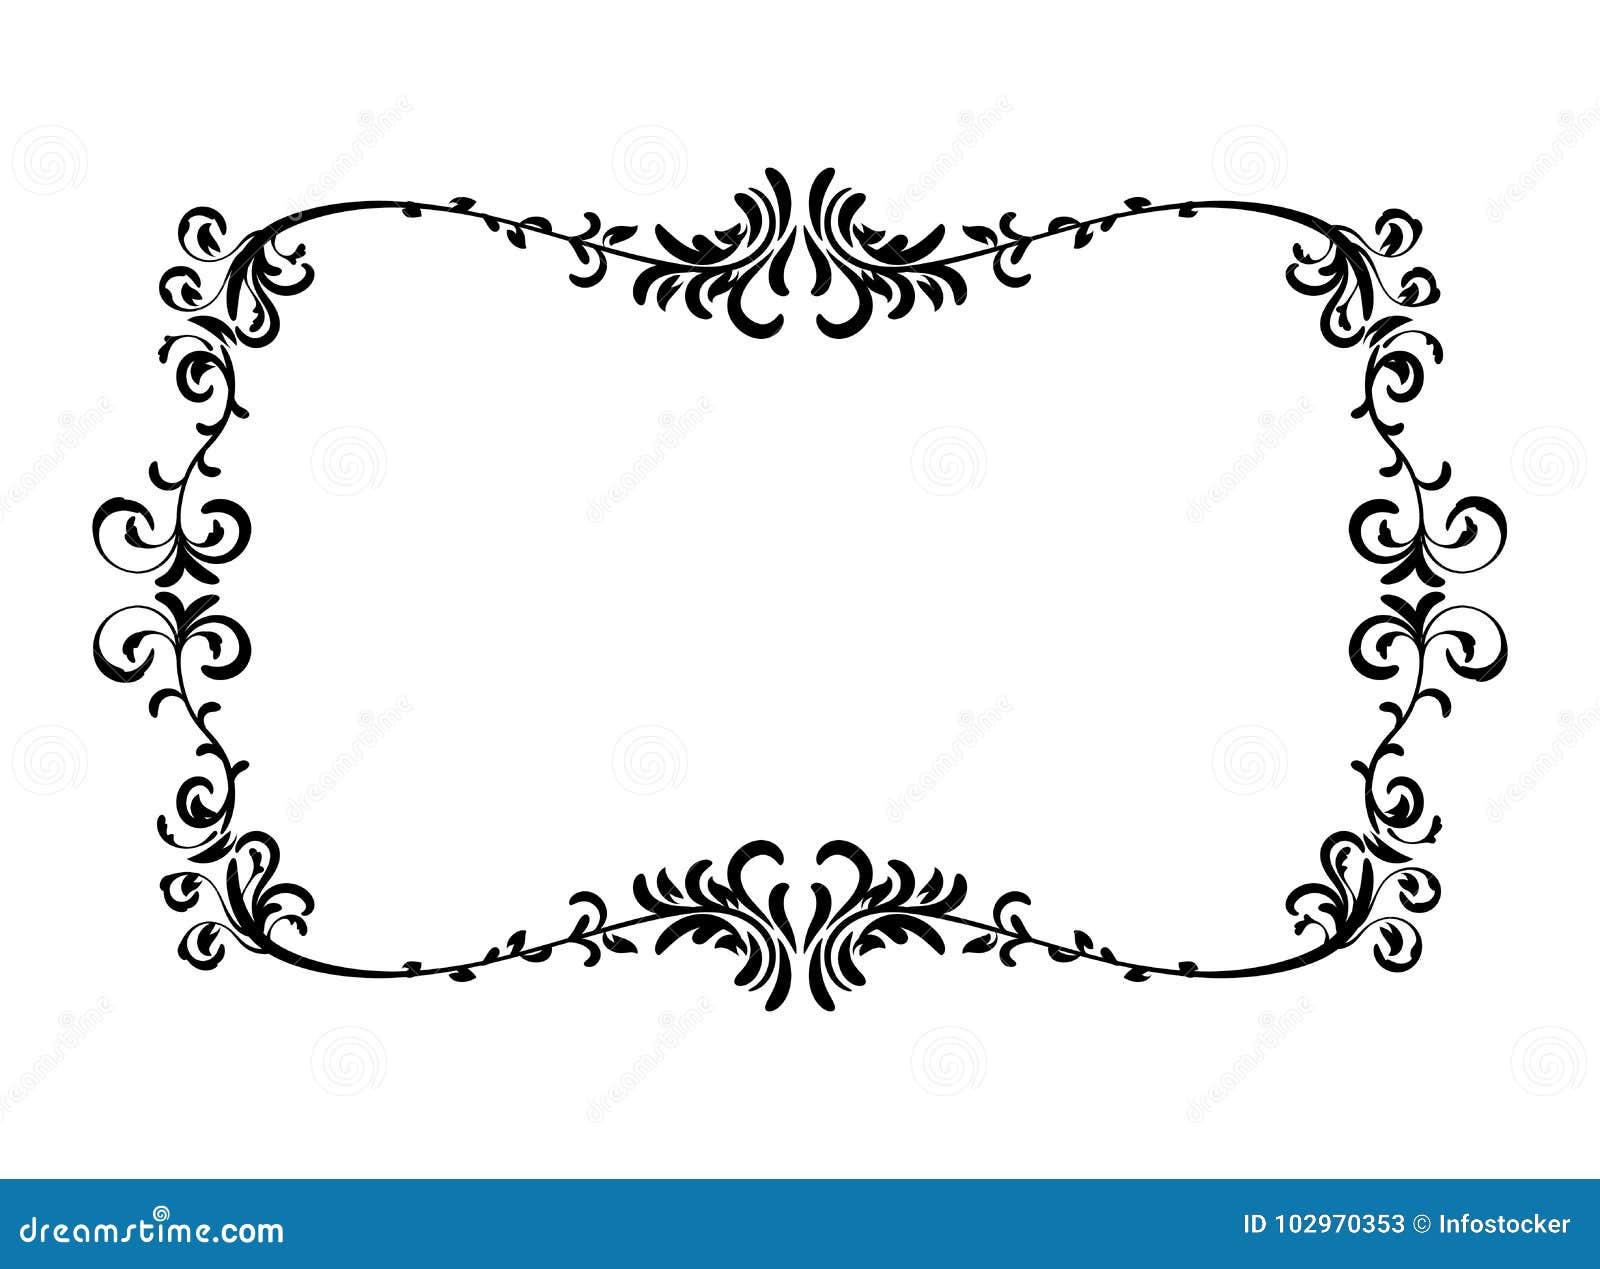 Vintage Floral Pattern Frame Stock Vector - Illustration of lace ...